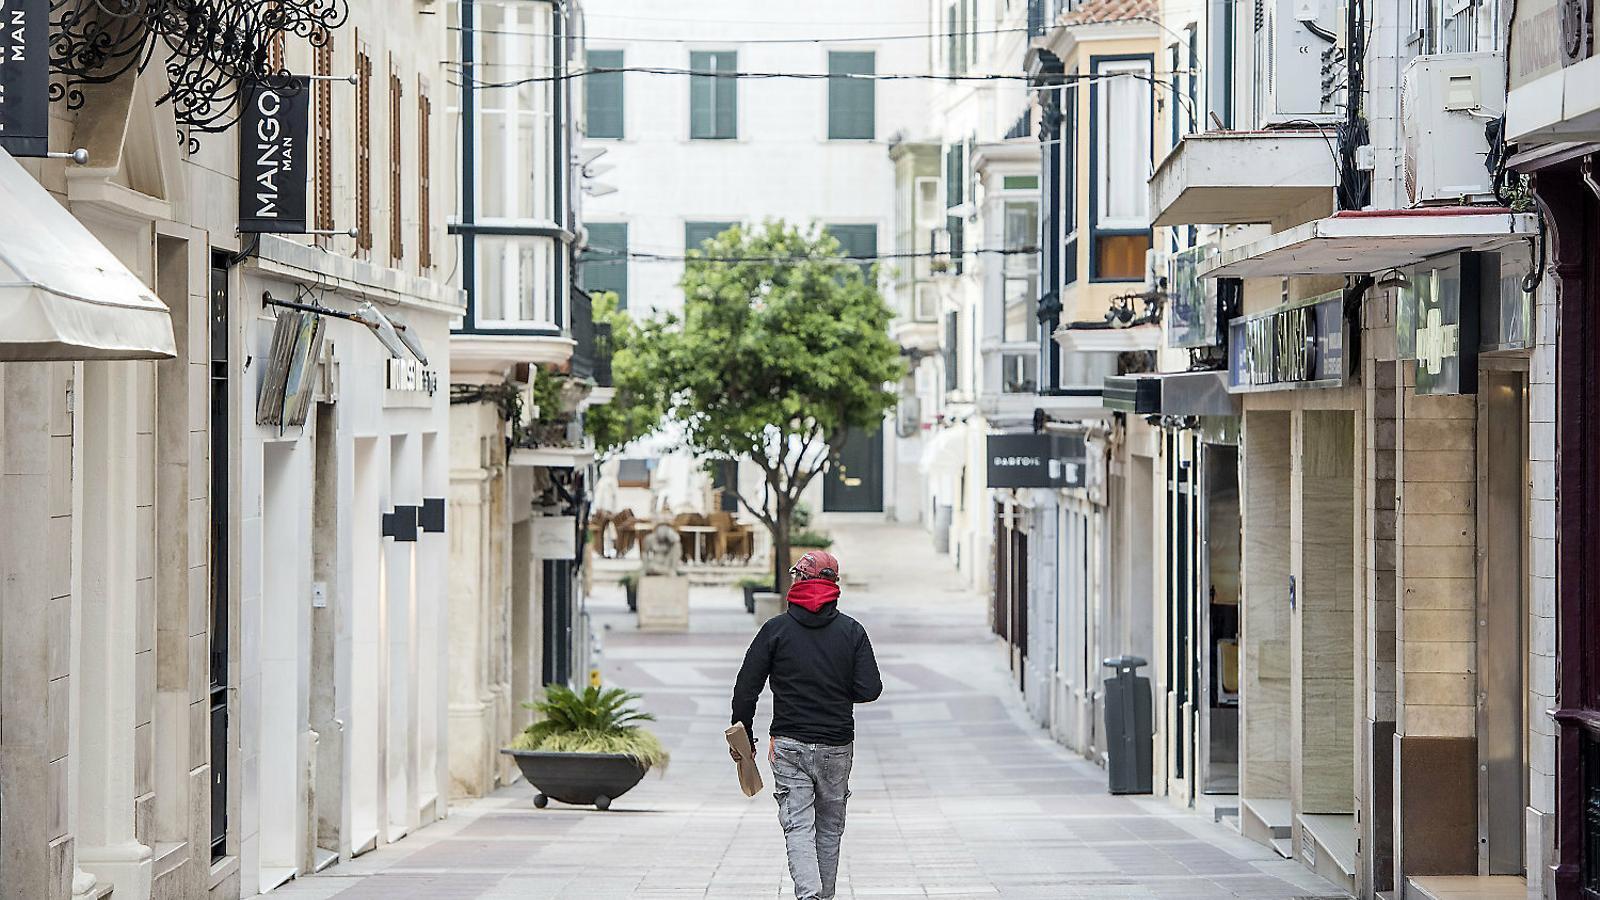 El pessimisme cala entre botiguers I restauradors a Menorca